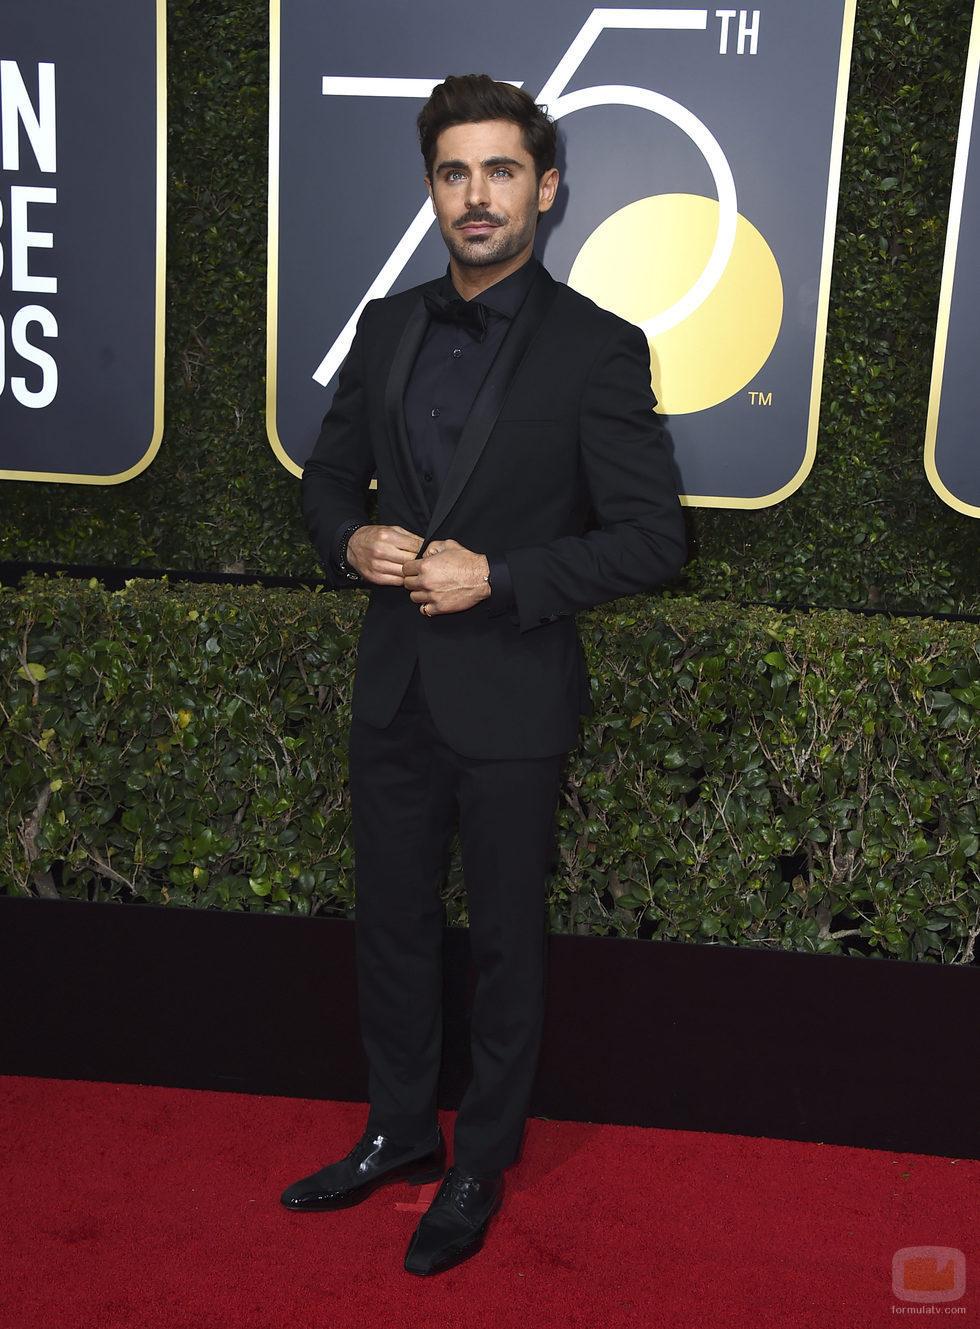 Zac Efron posa en la alfombra roja de los Globos de Oro 2018